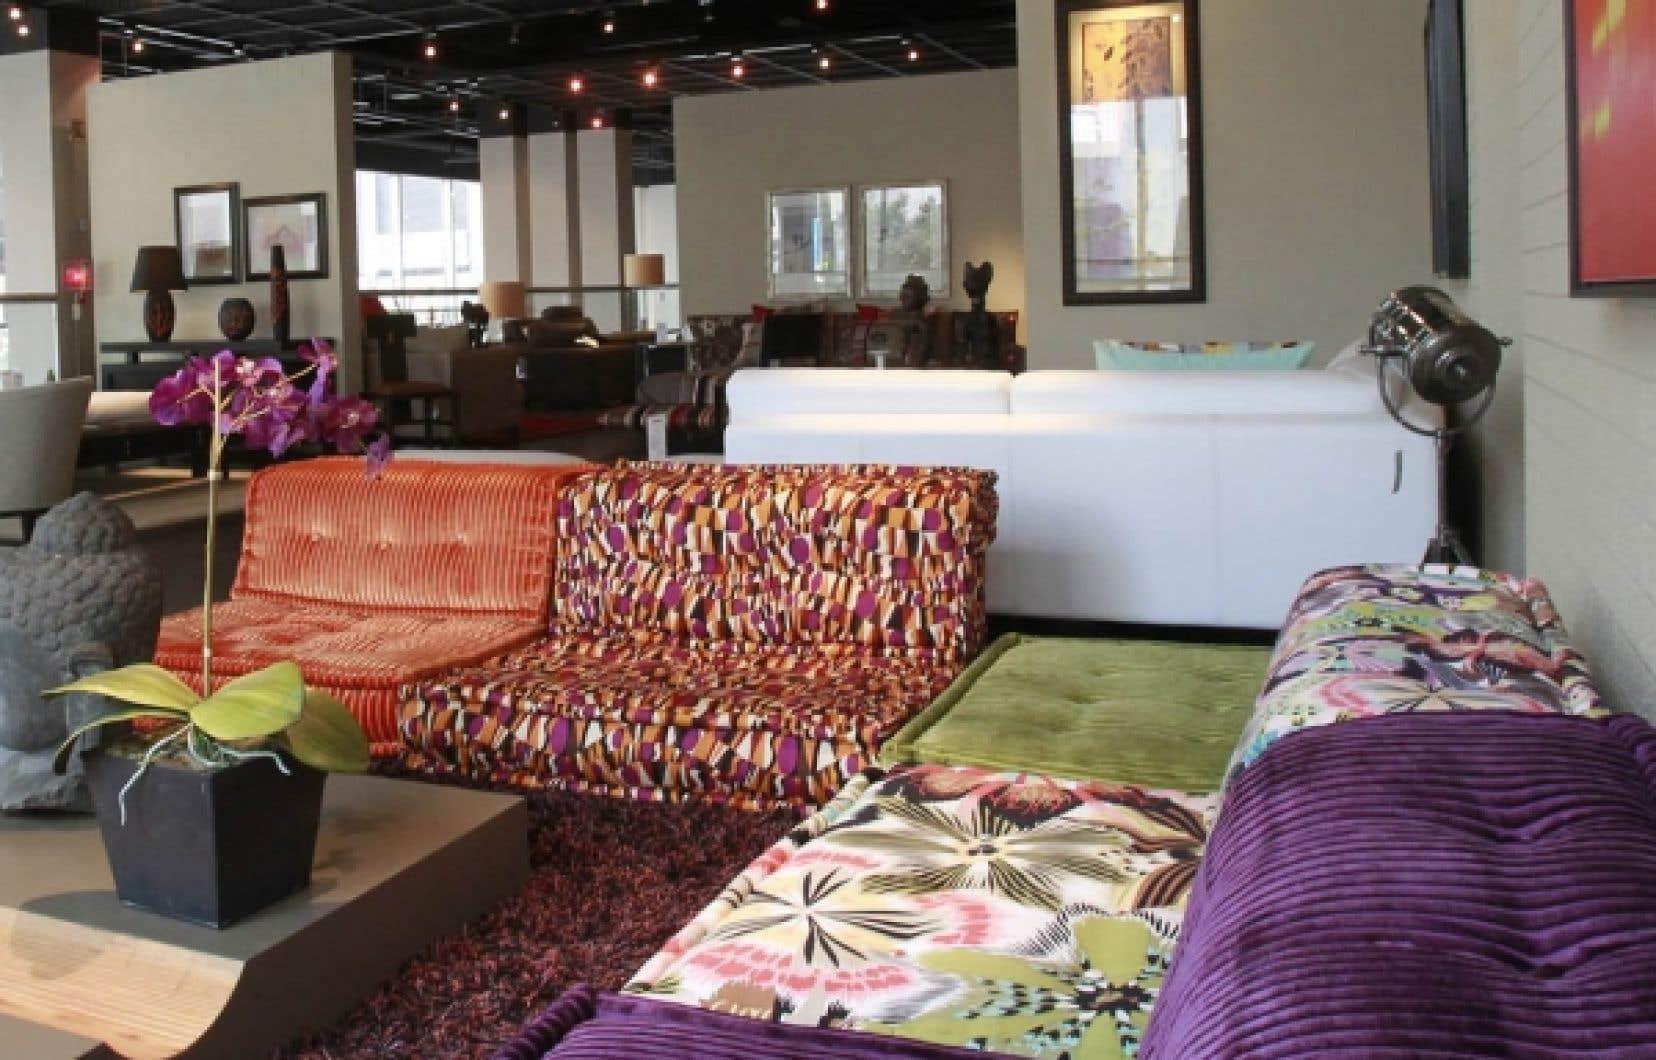 Mobilier haut de gamme - Des boutiques font conjuguer confort et ...